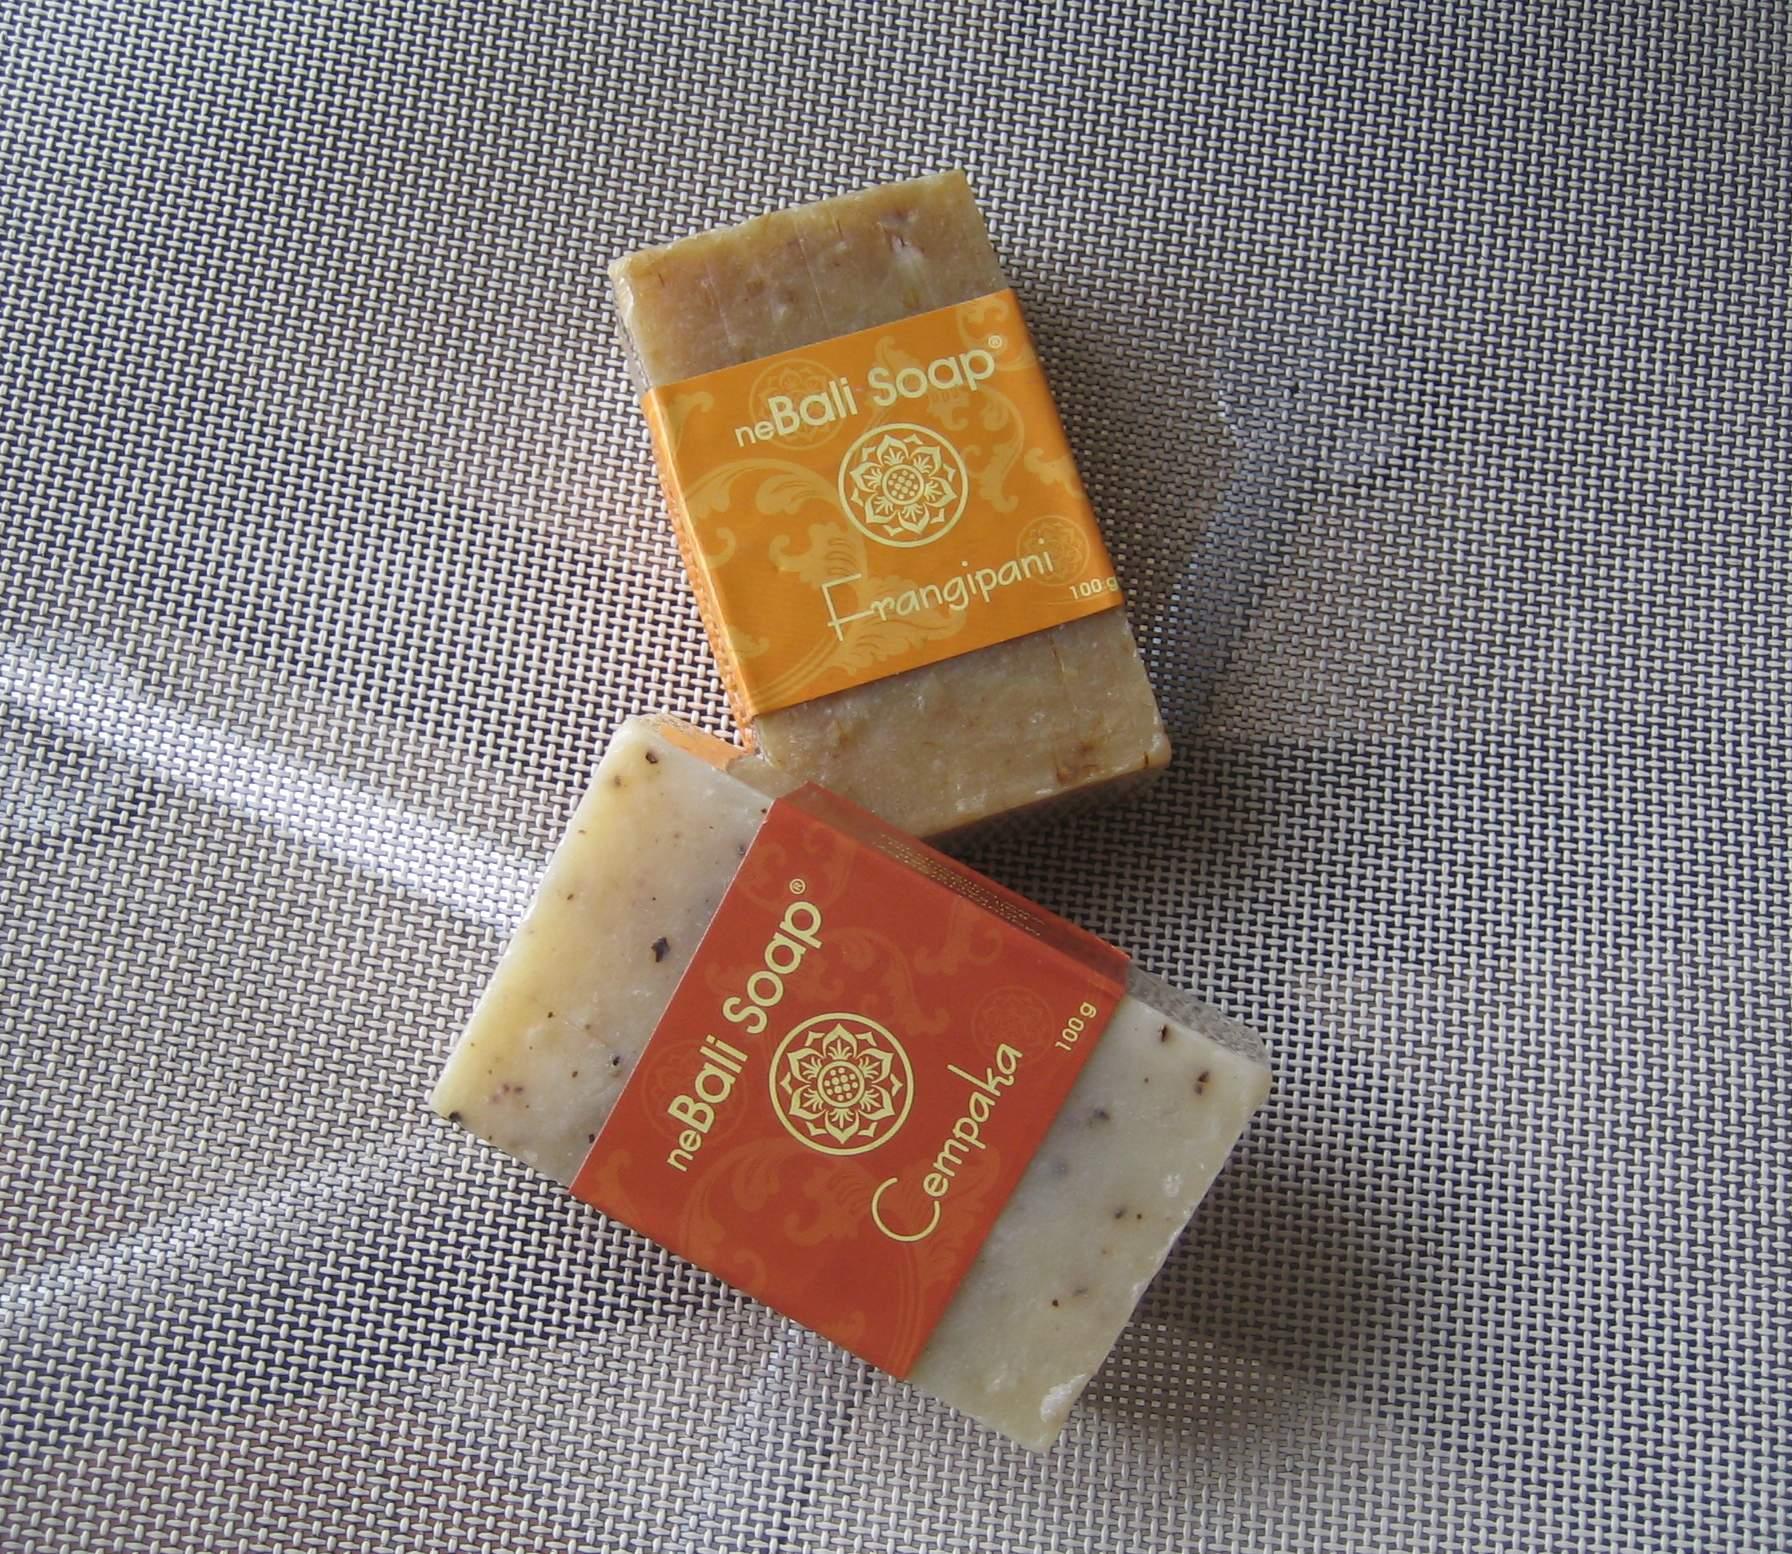 Bali Soap